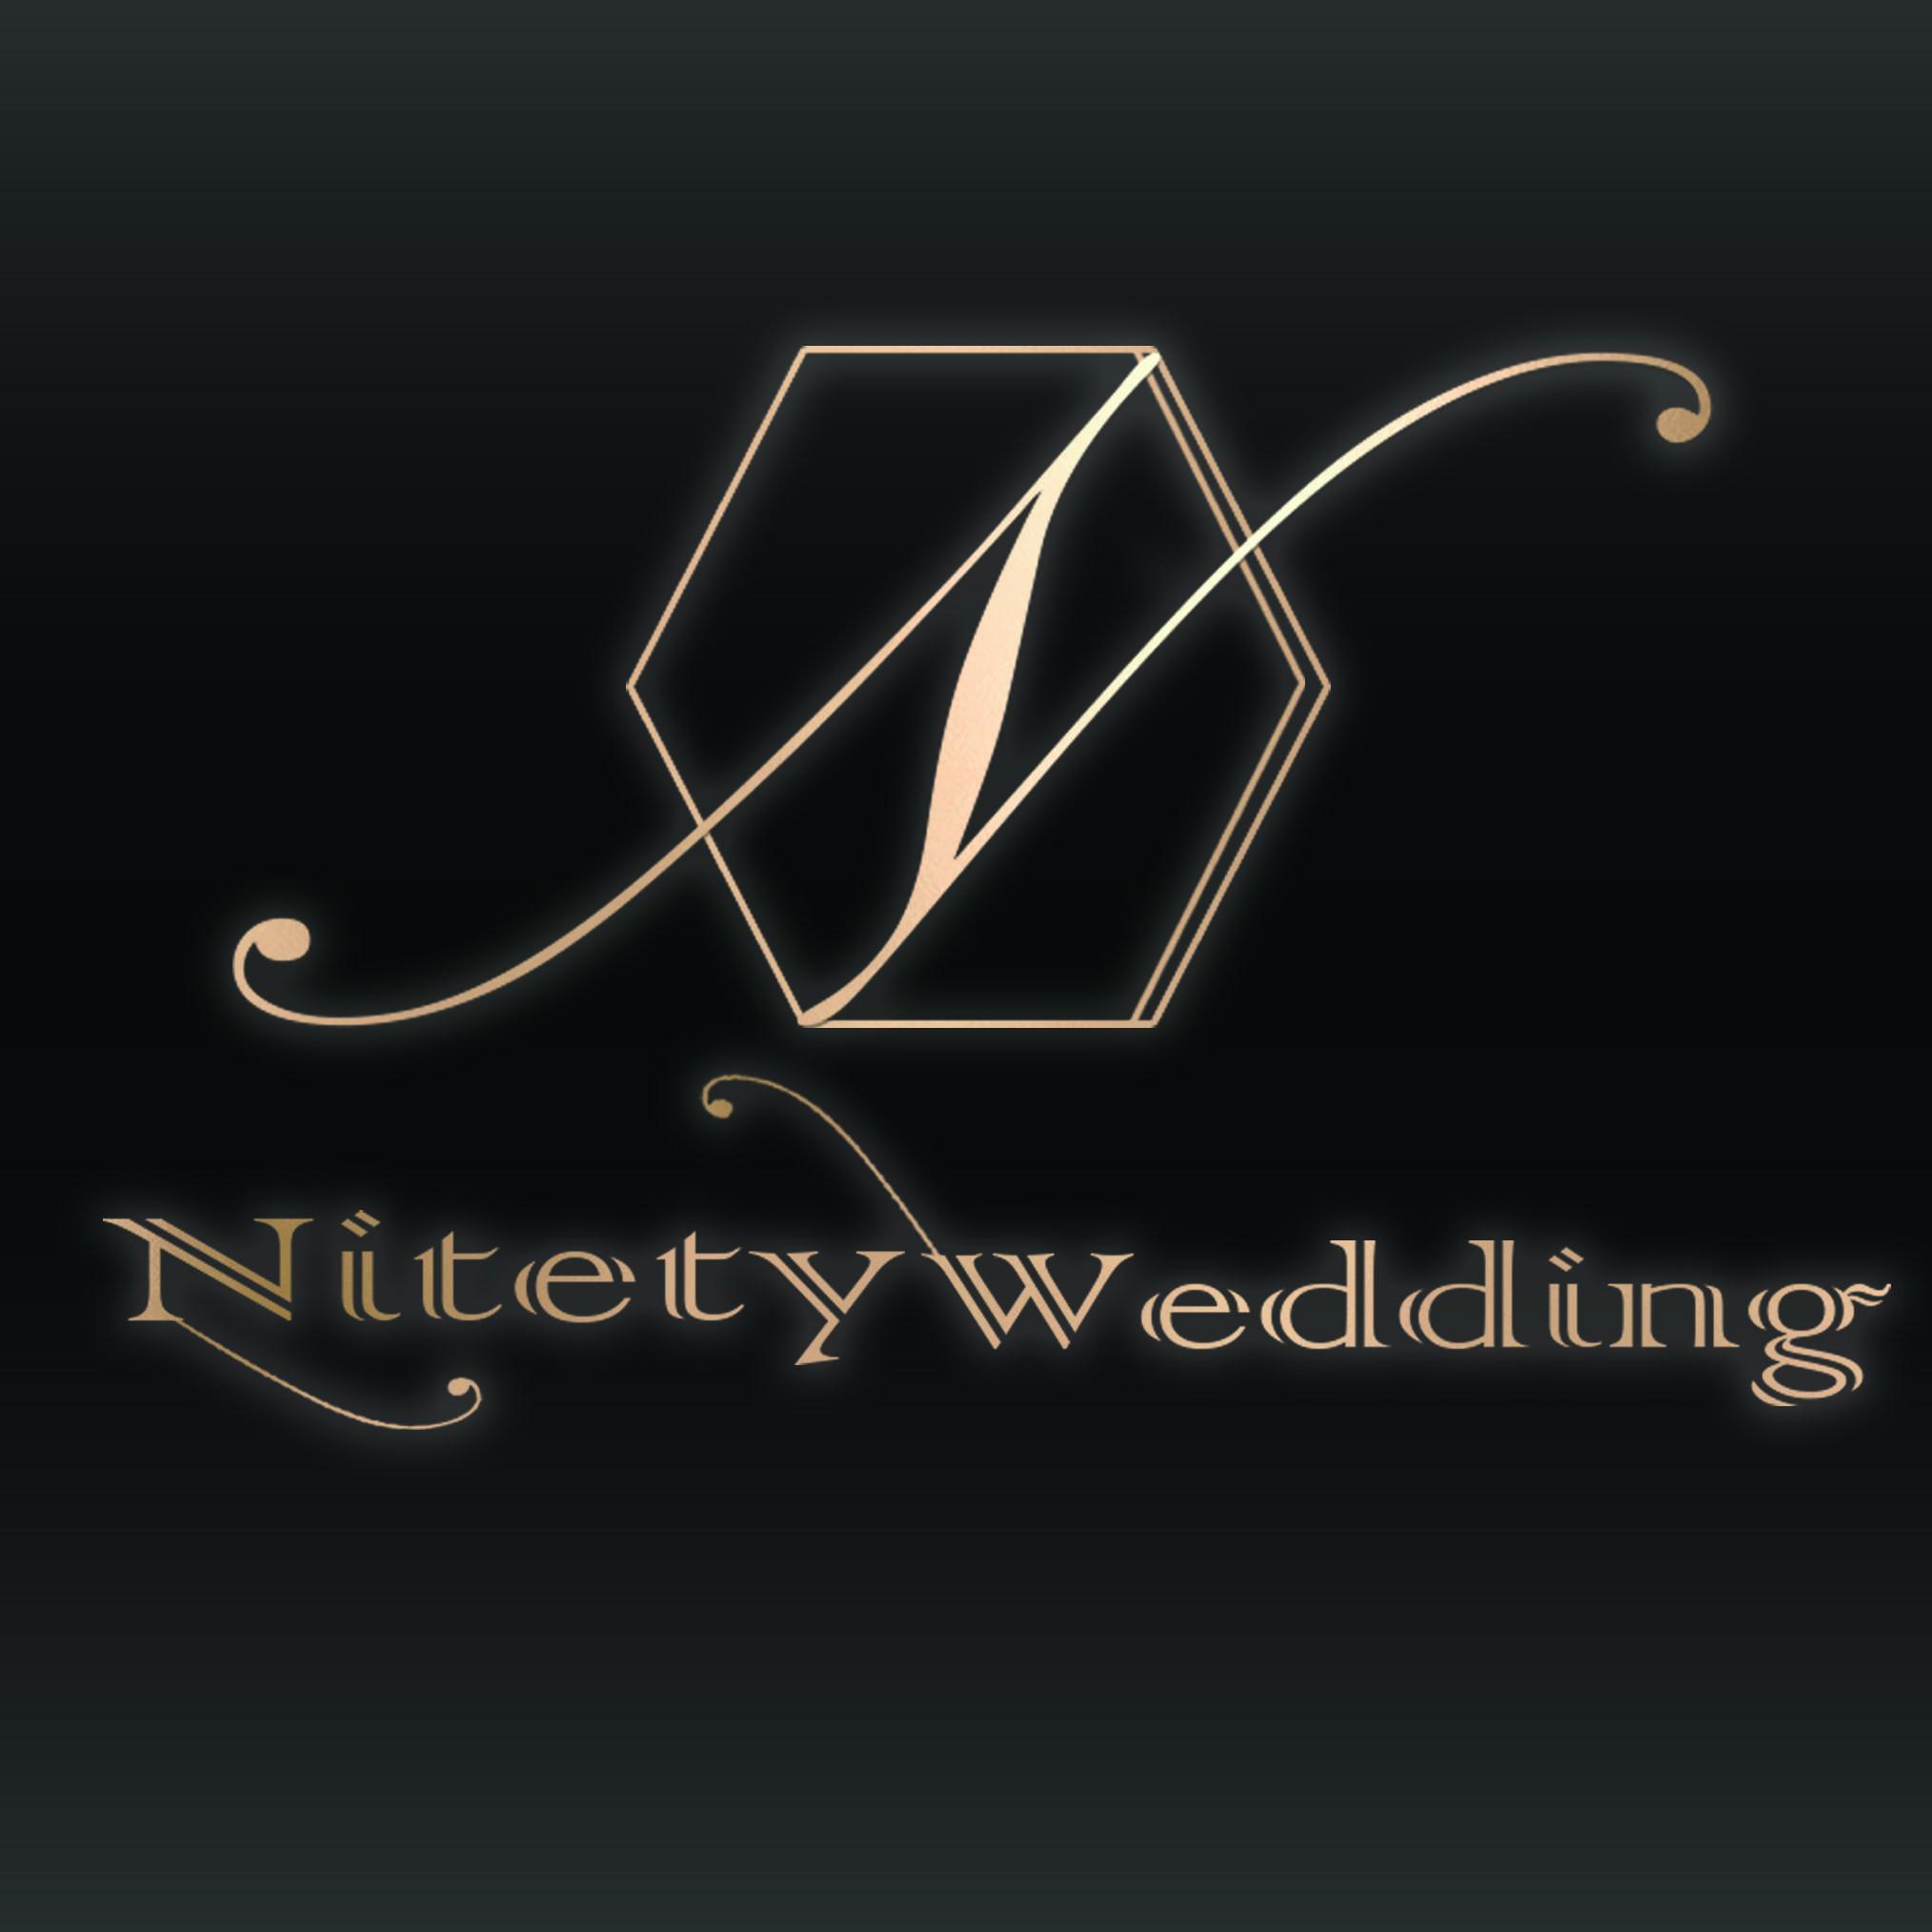 Nitety Wedding玖忆婚礼